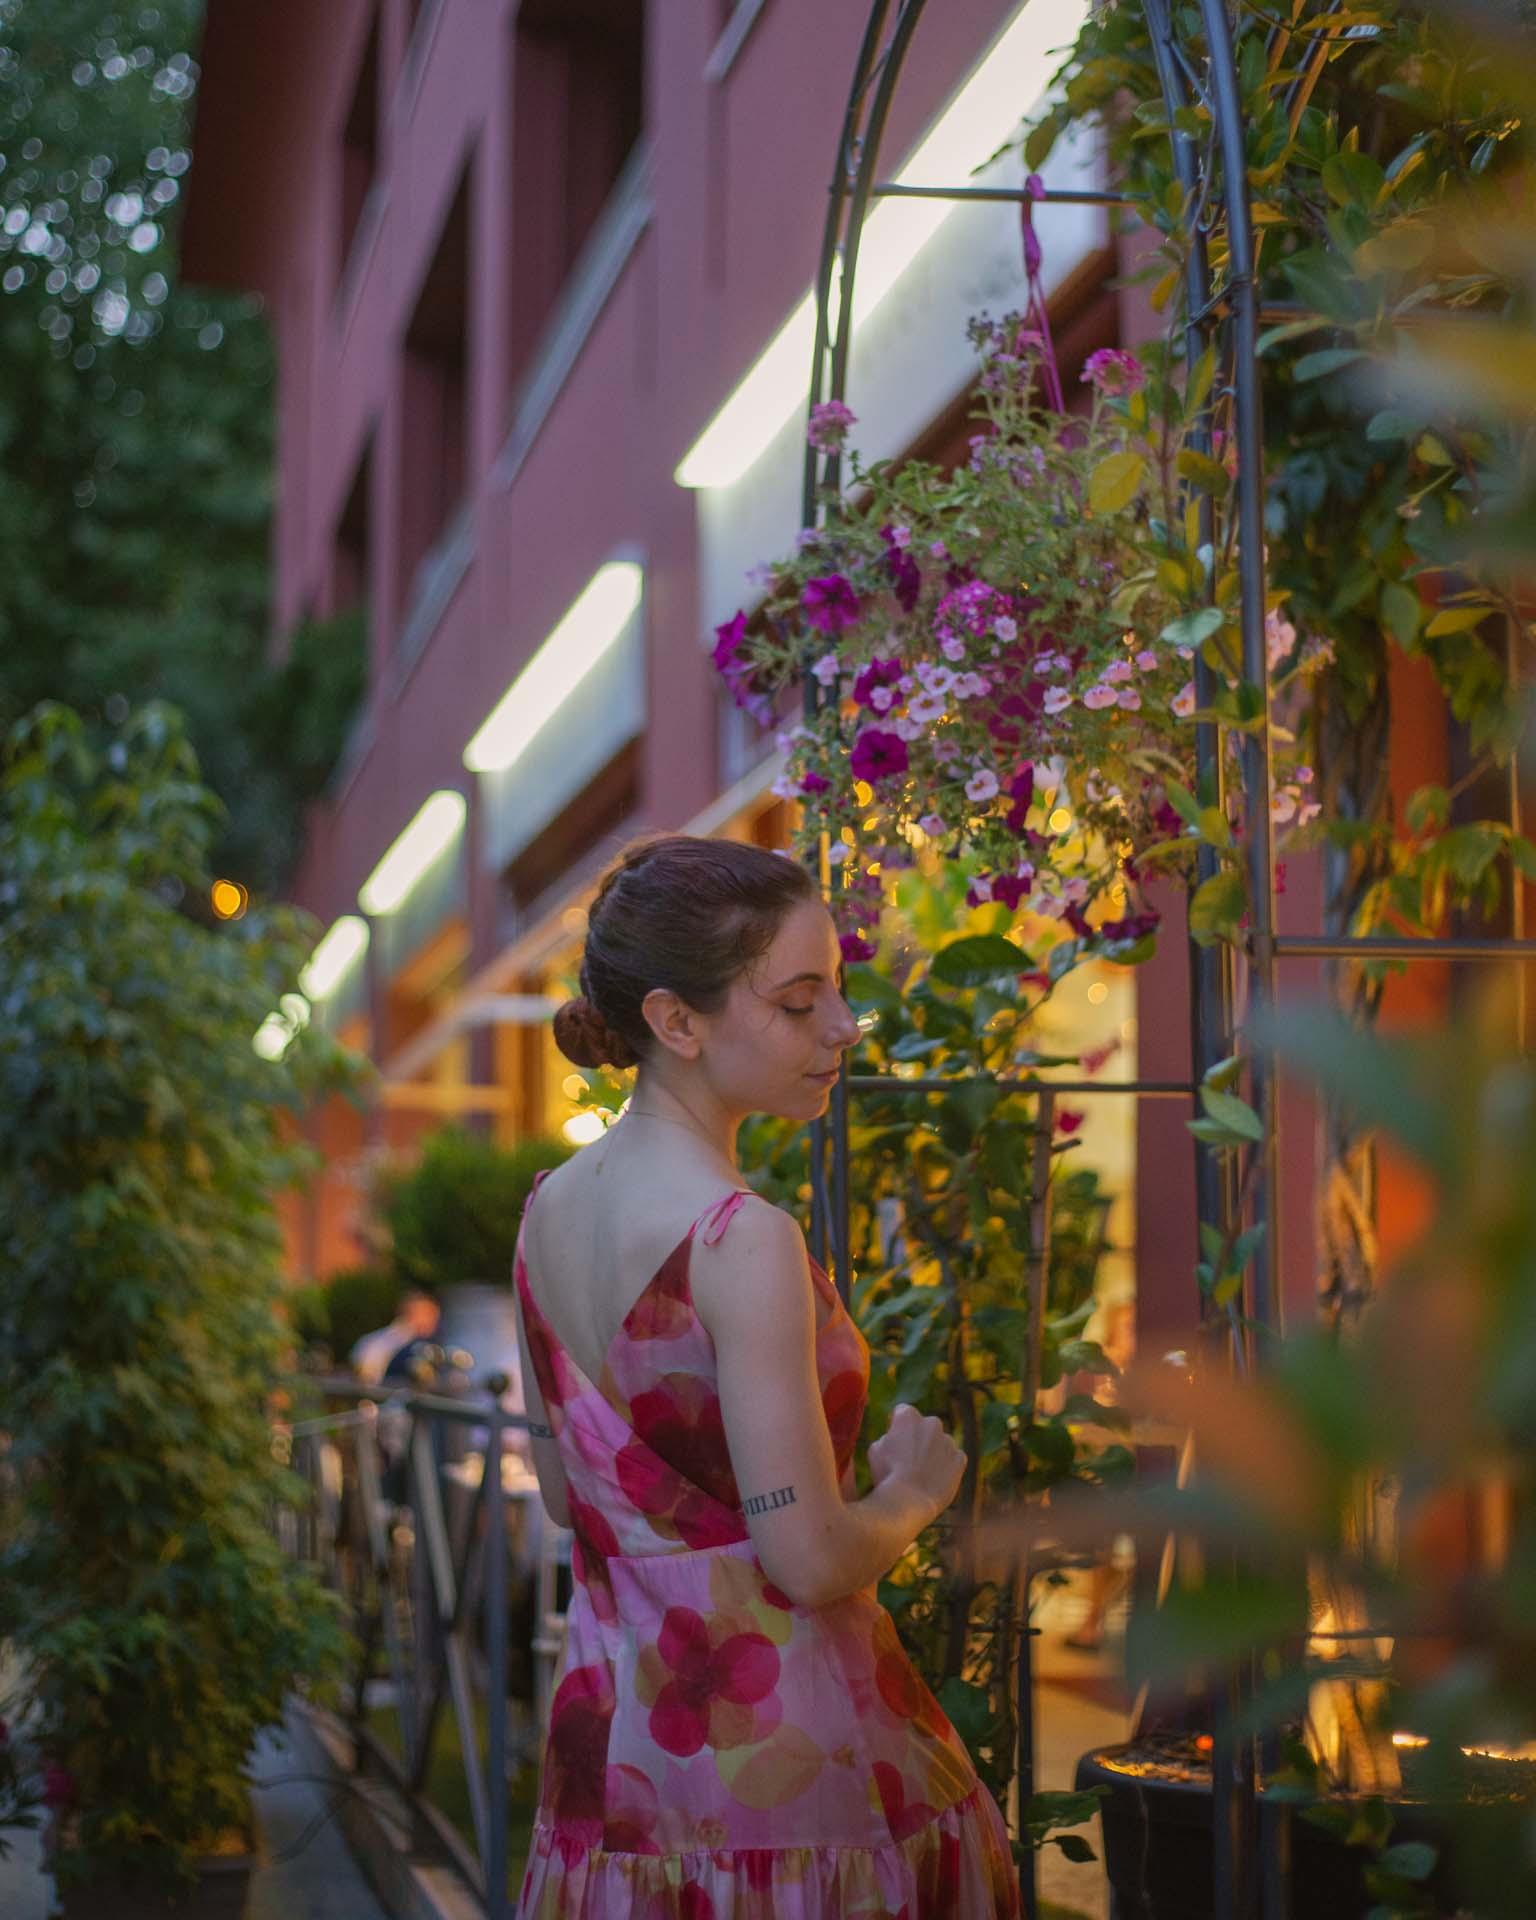 Francesca Giagnorio di fronte a rosso veneziano